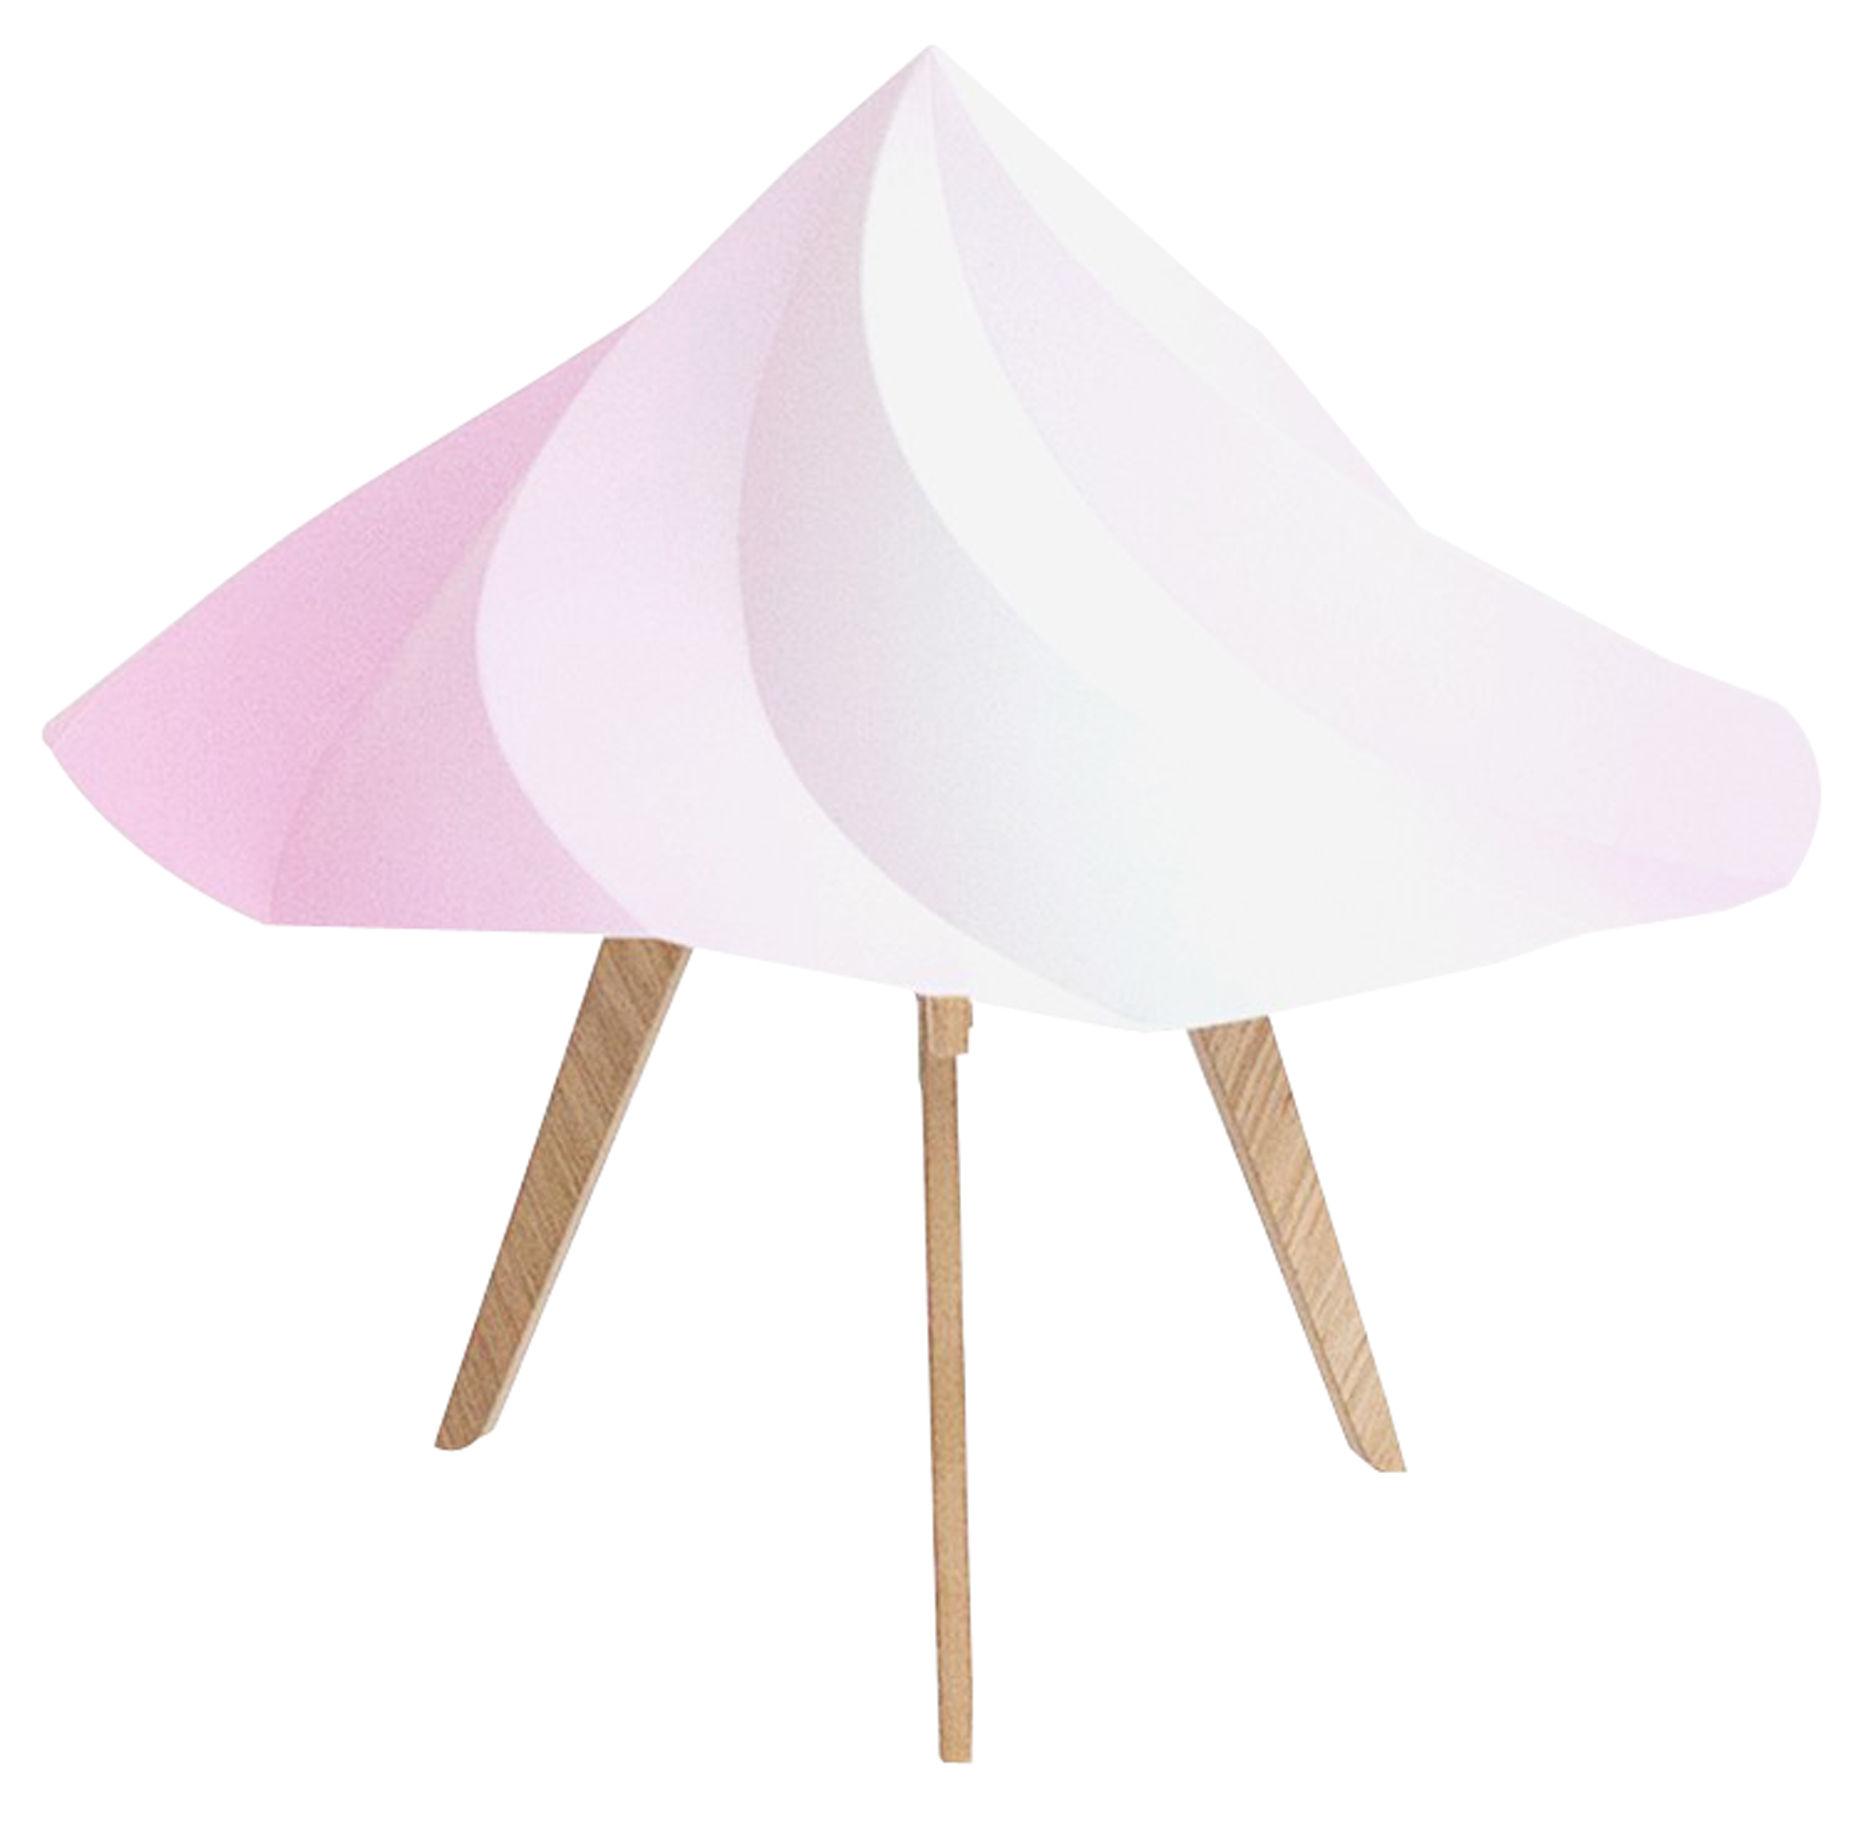 Illuminazione - Lampade da tavolo - Lampada da tavolo Chantilly Small / H 28 cm - Moustache - Rosa - Multistrato di rovere, Polipropilene riciclato